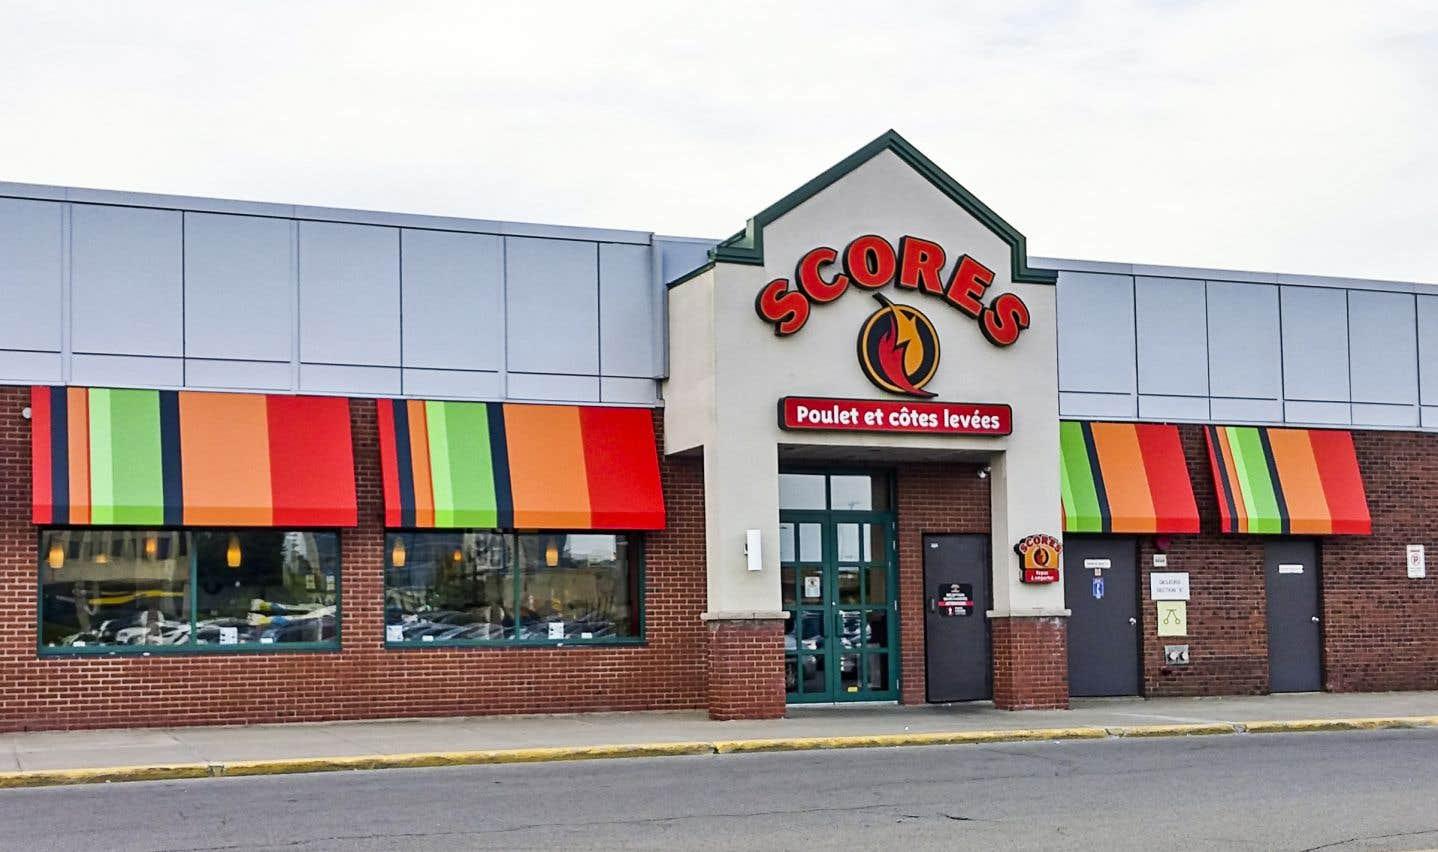 Le groupe Imvescor est notamment propriétaire des restaurants Scores.